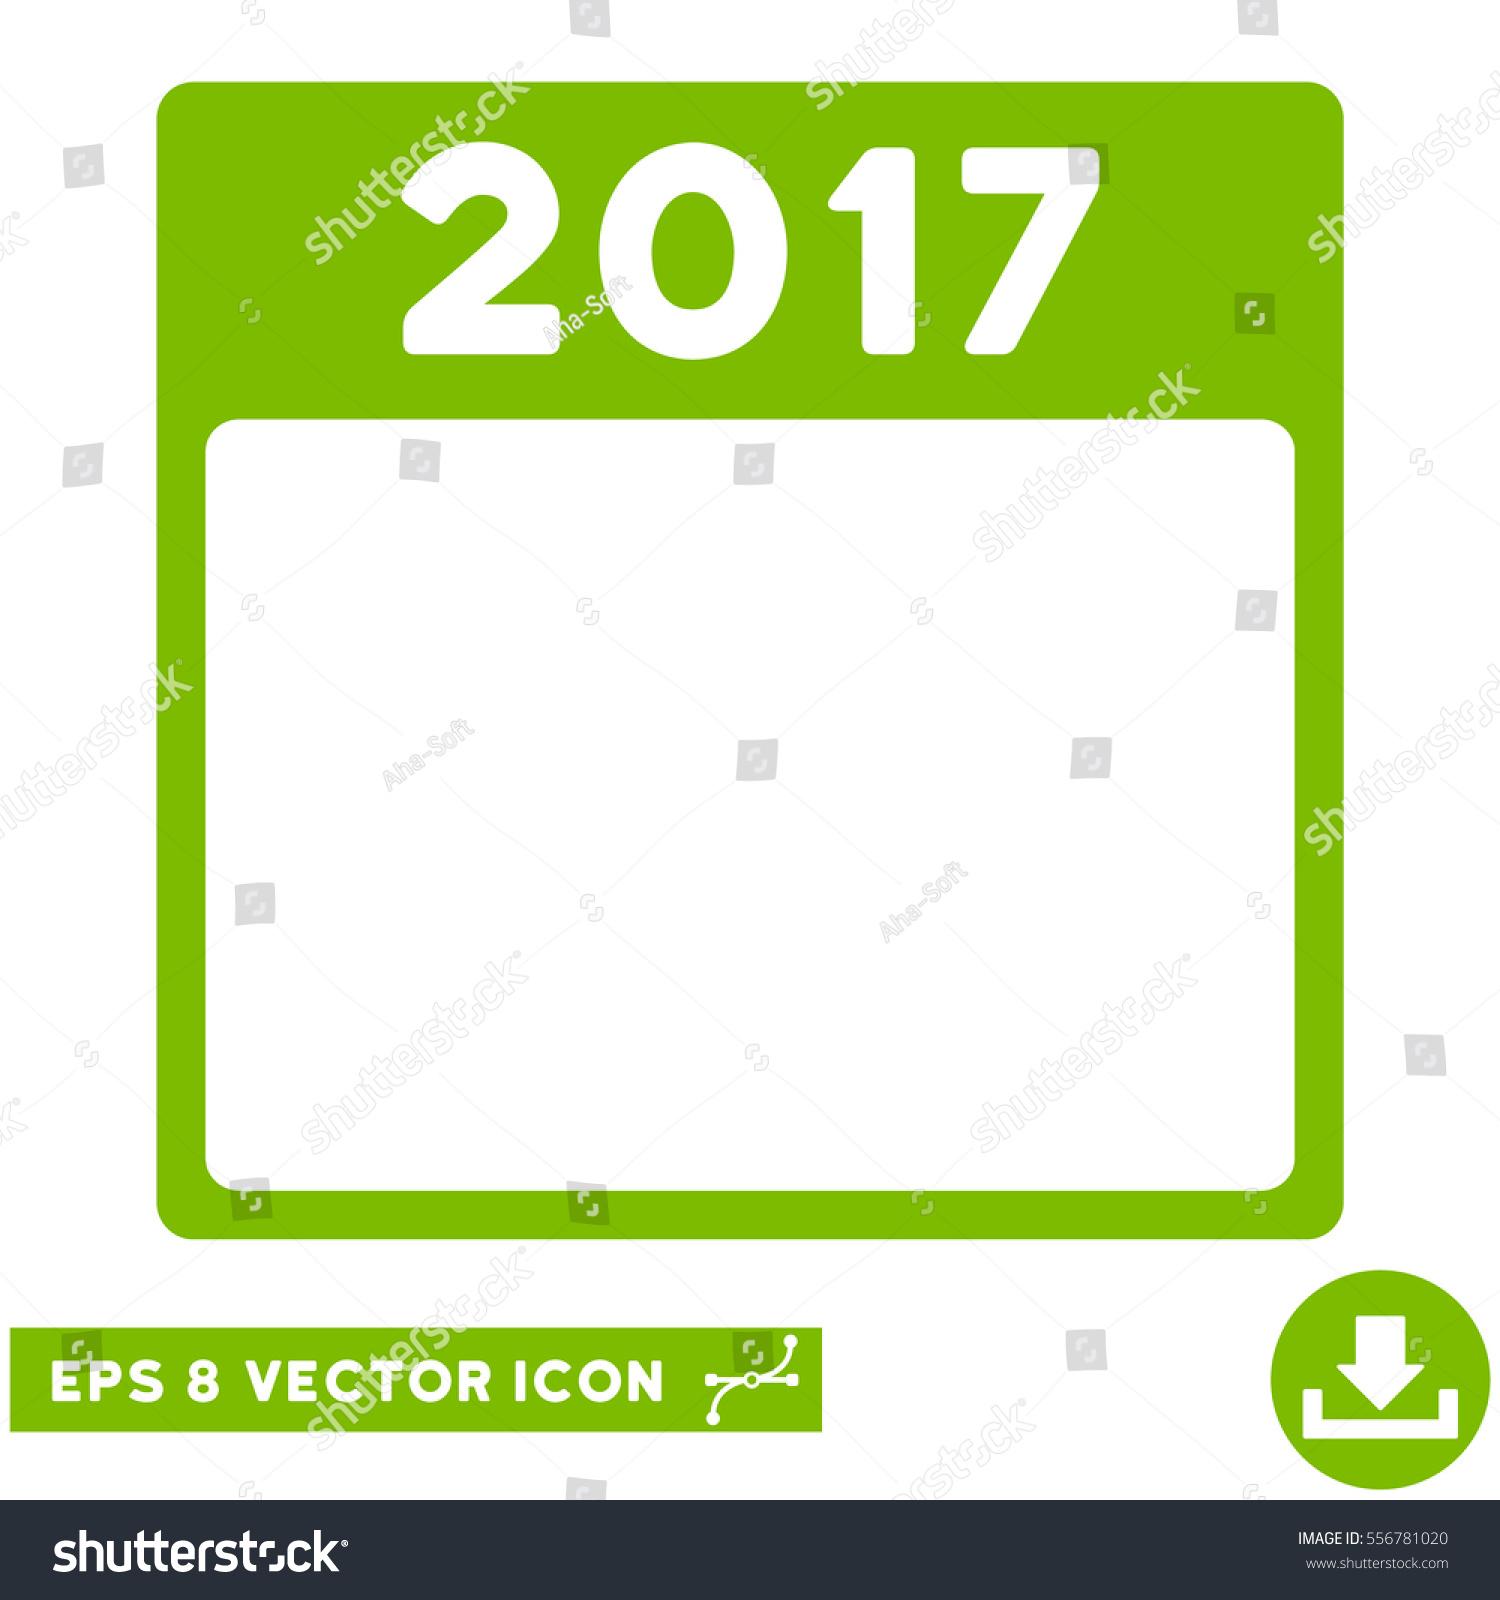 2017 Year Calendar Template Icon Vector Stock Vector